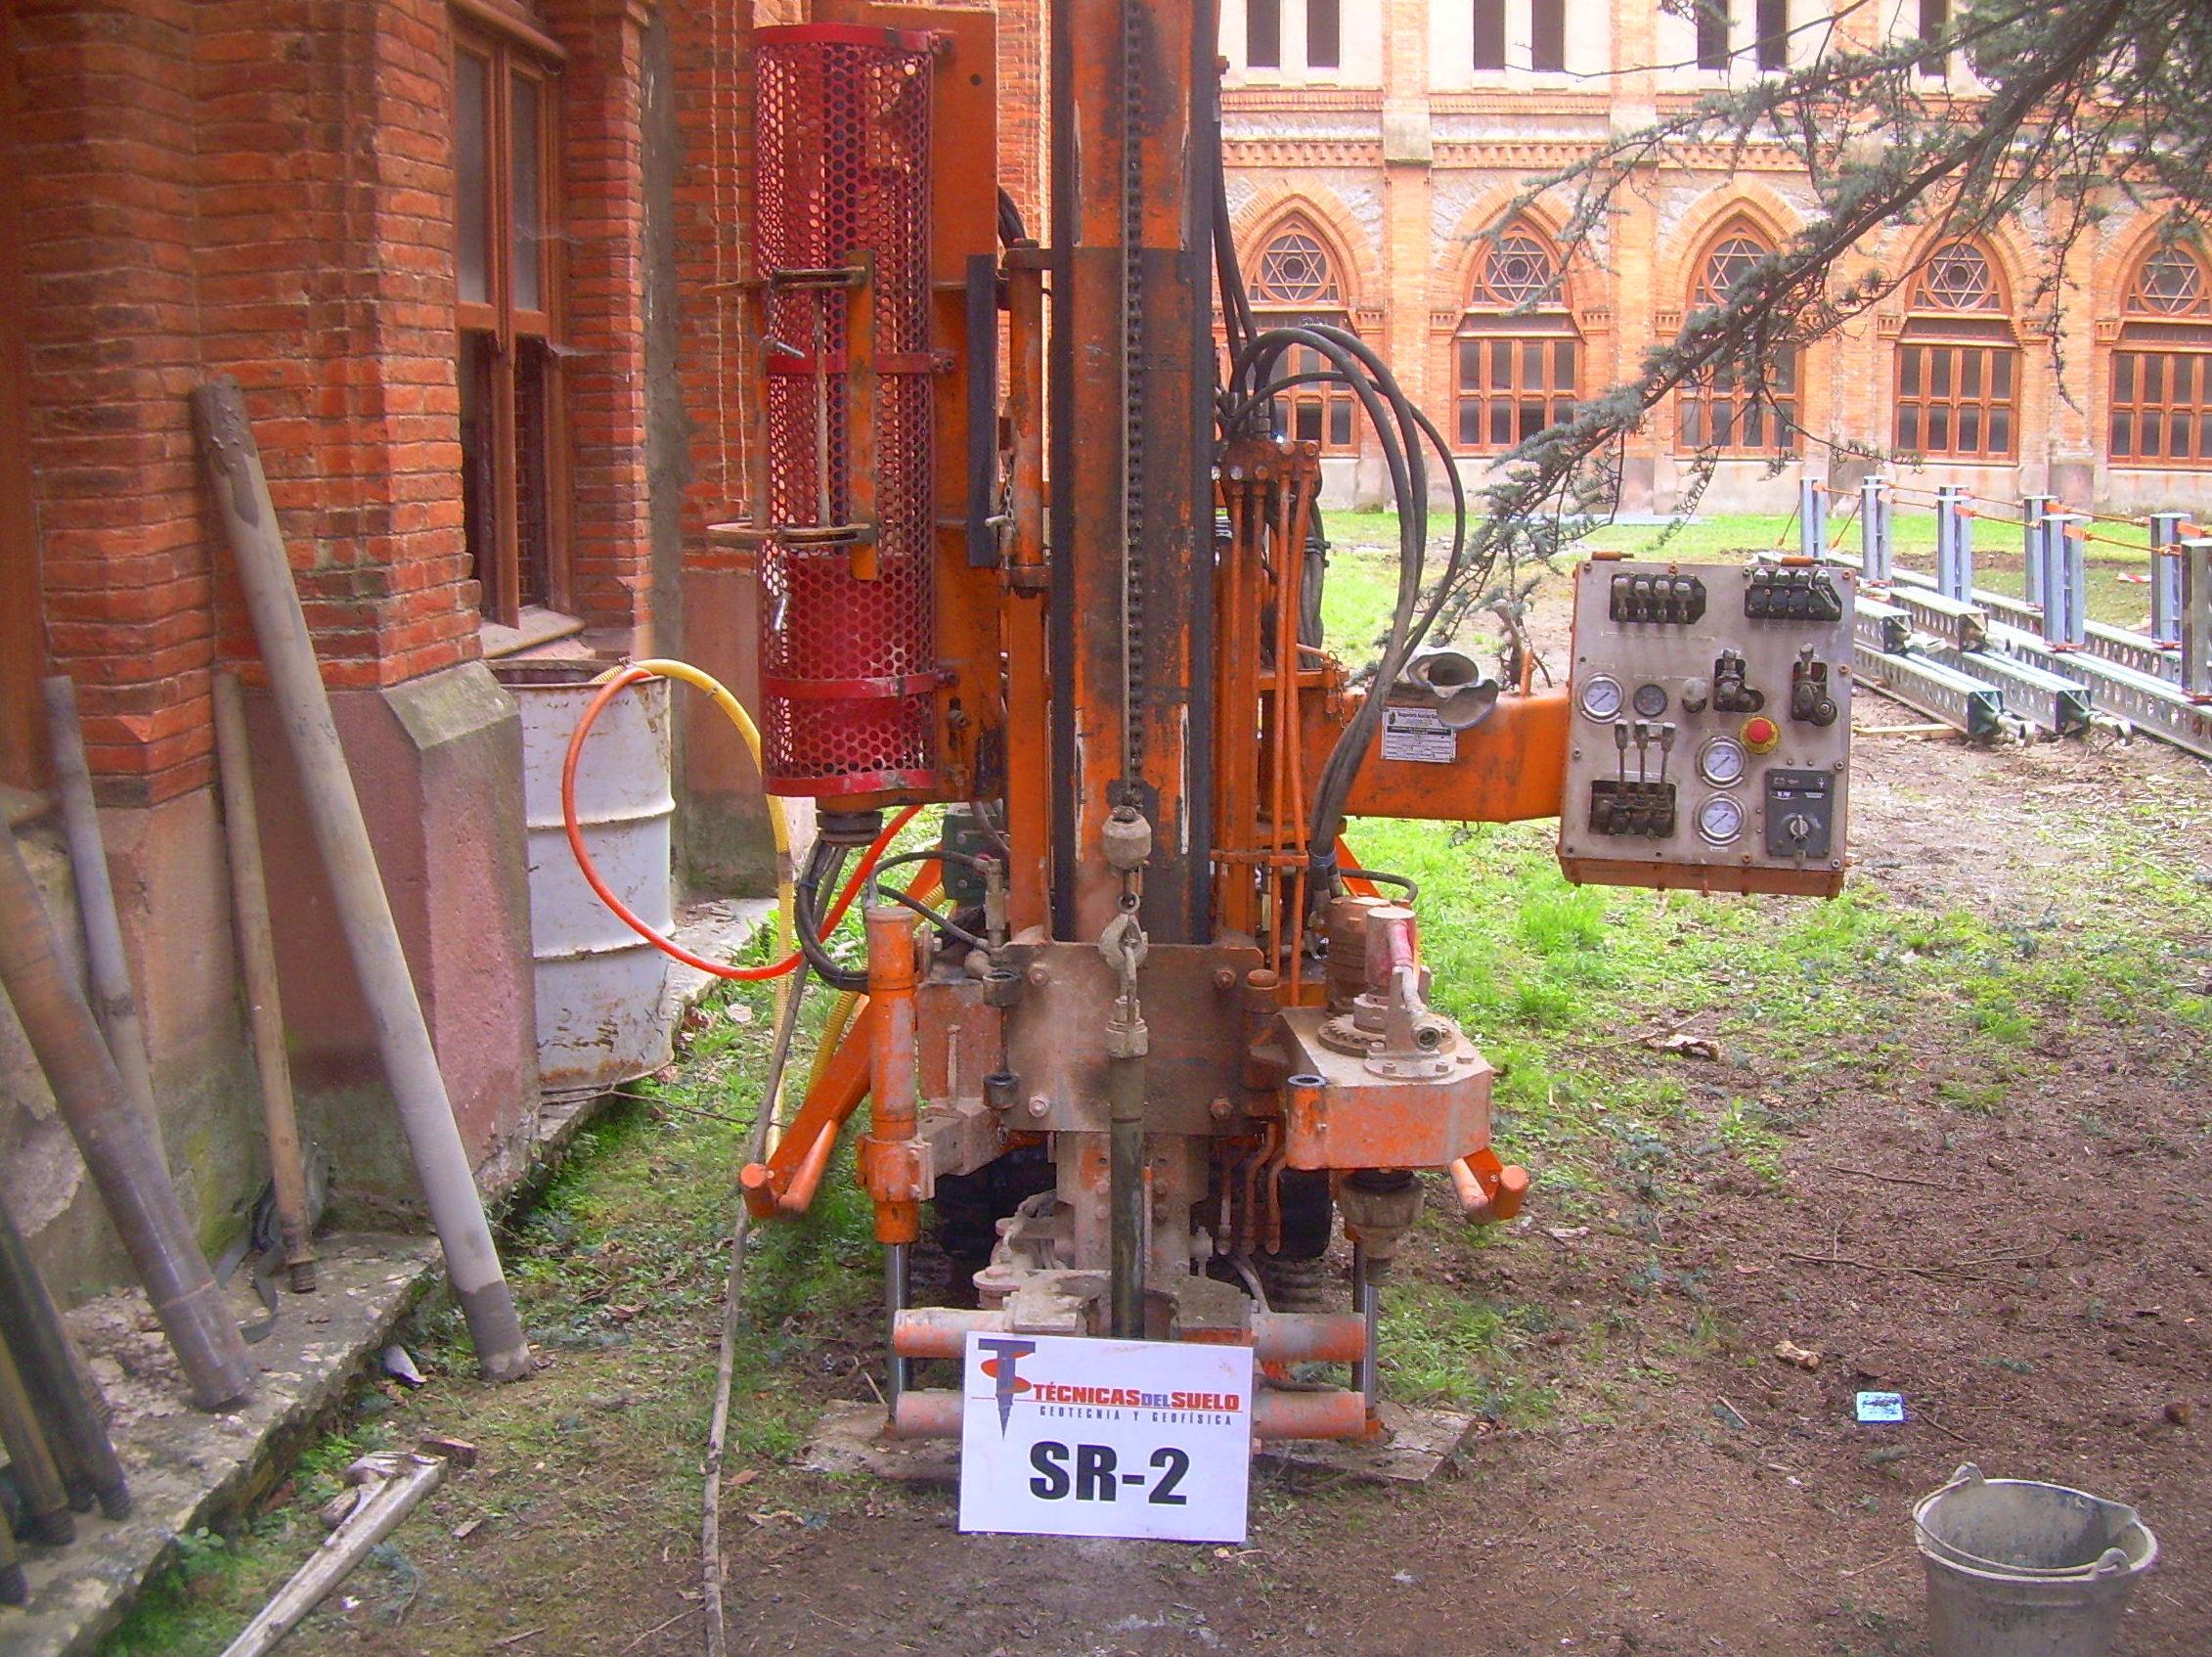 Sondeo geotécnico en Universidad de Comillas